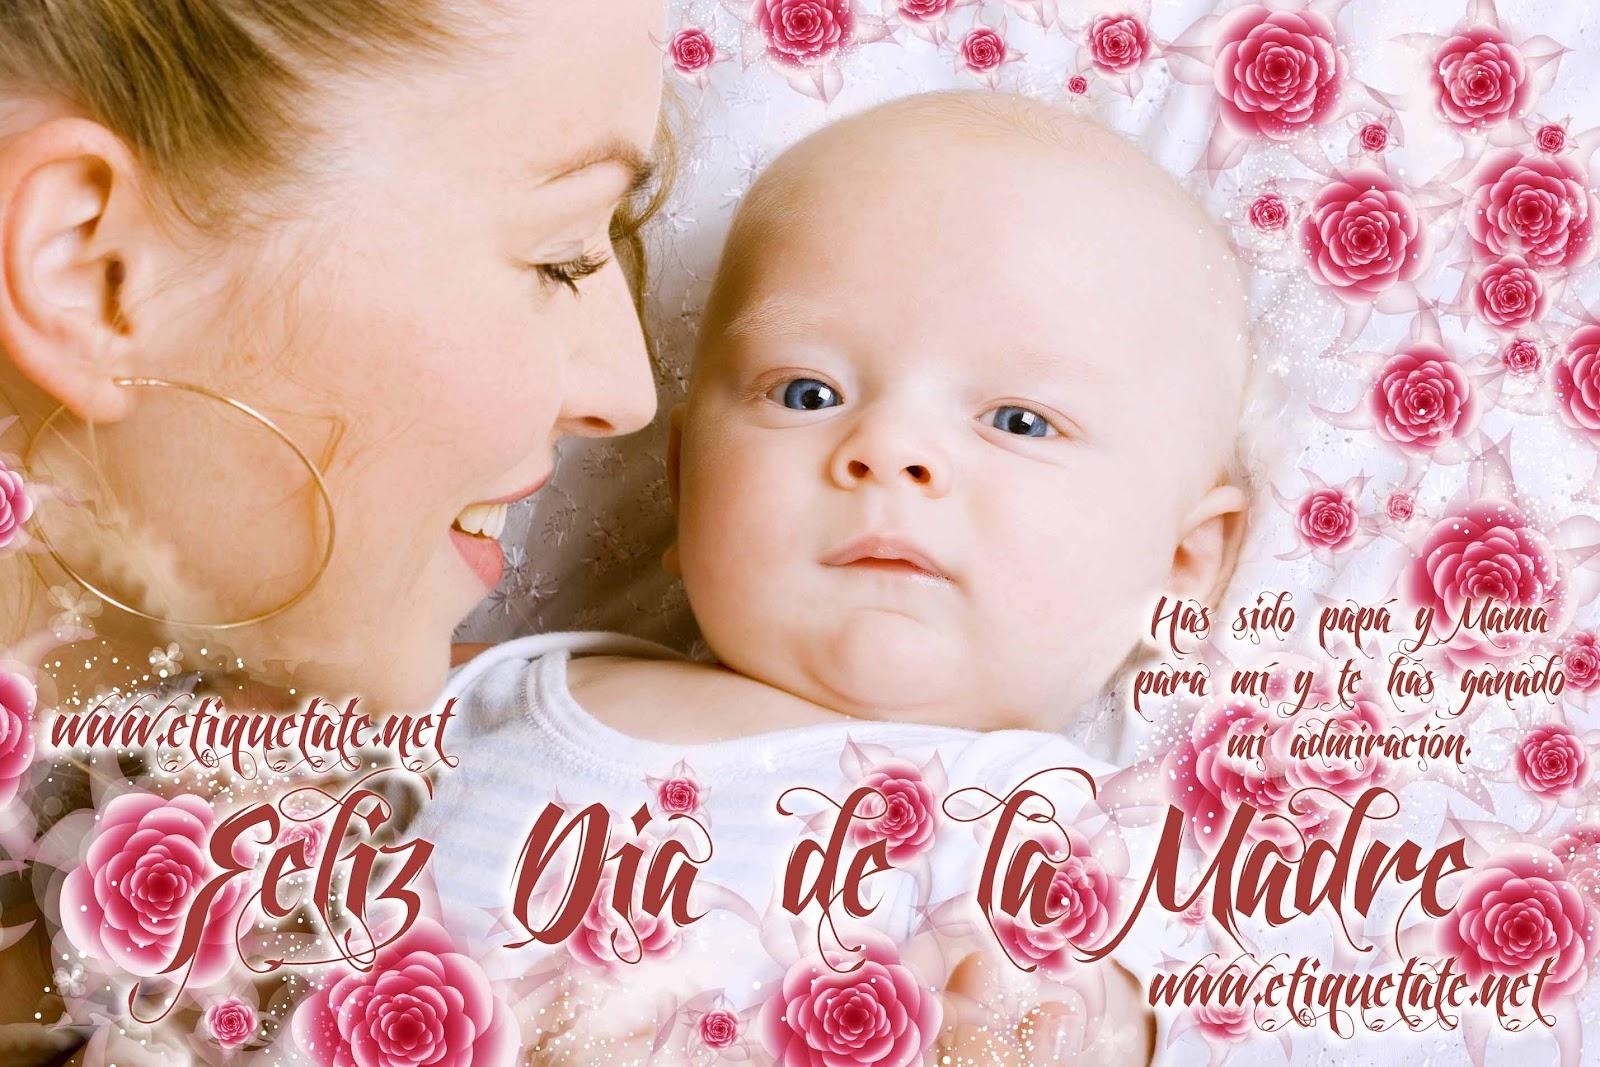 Imagenes del dia de la madre